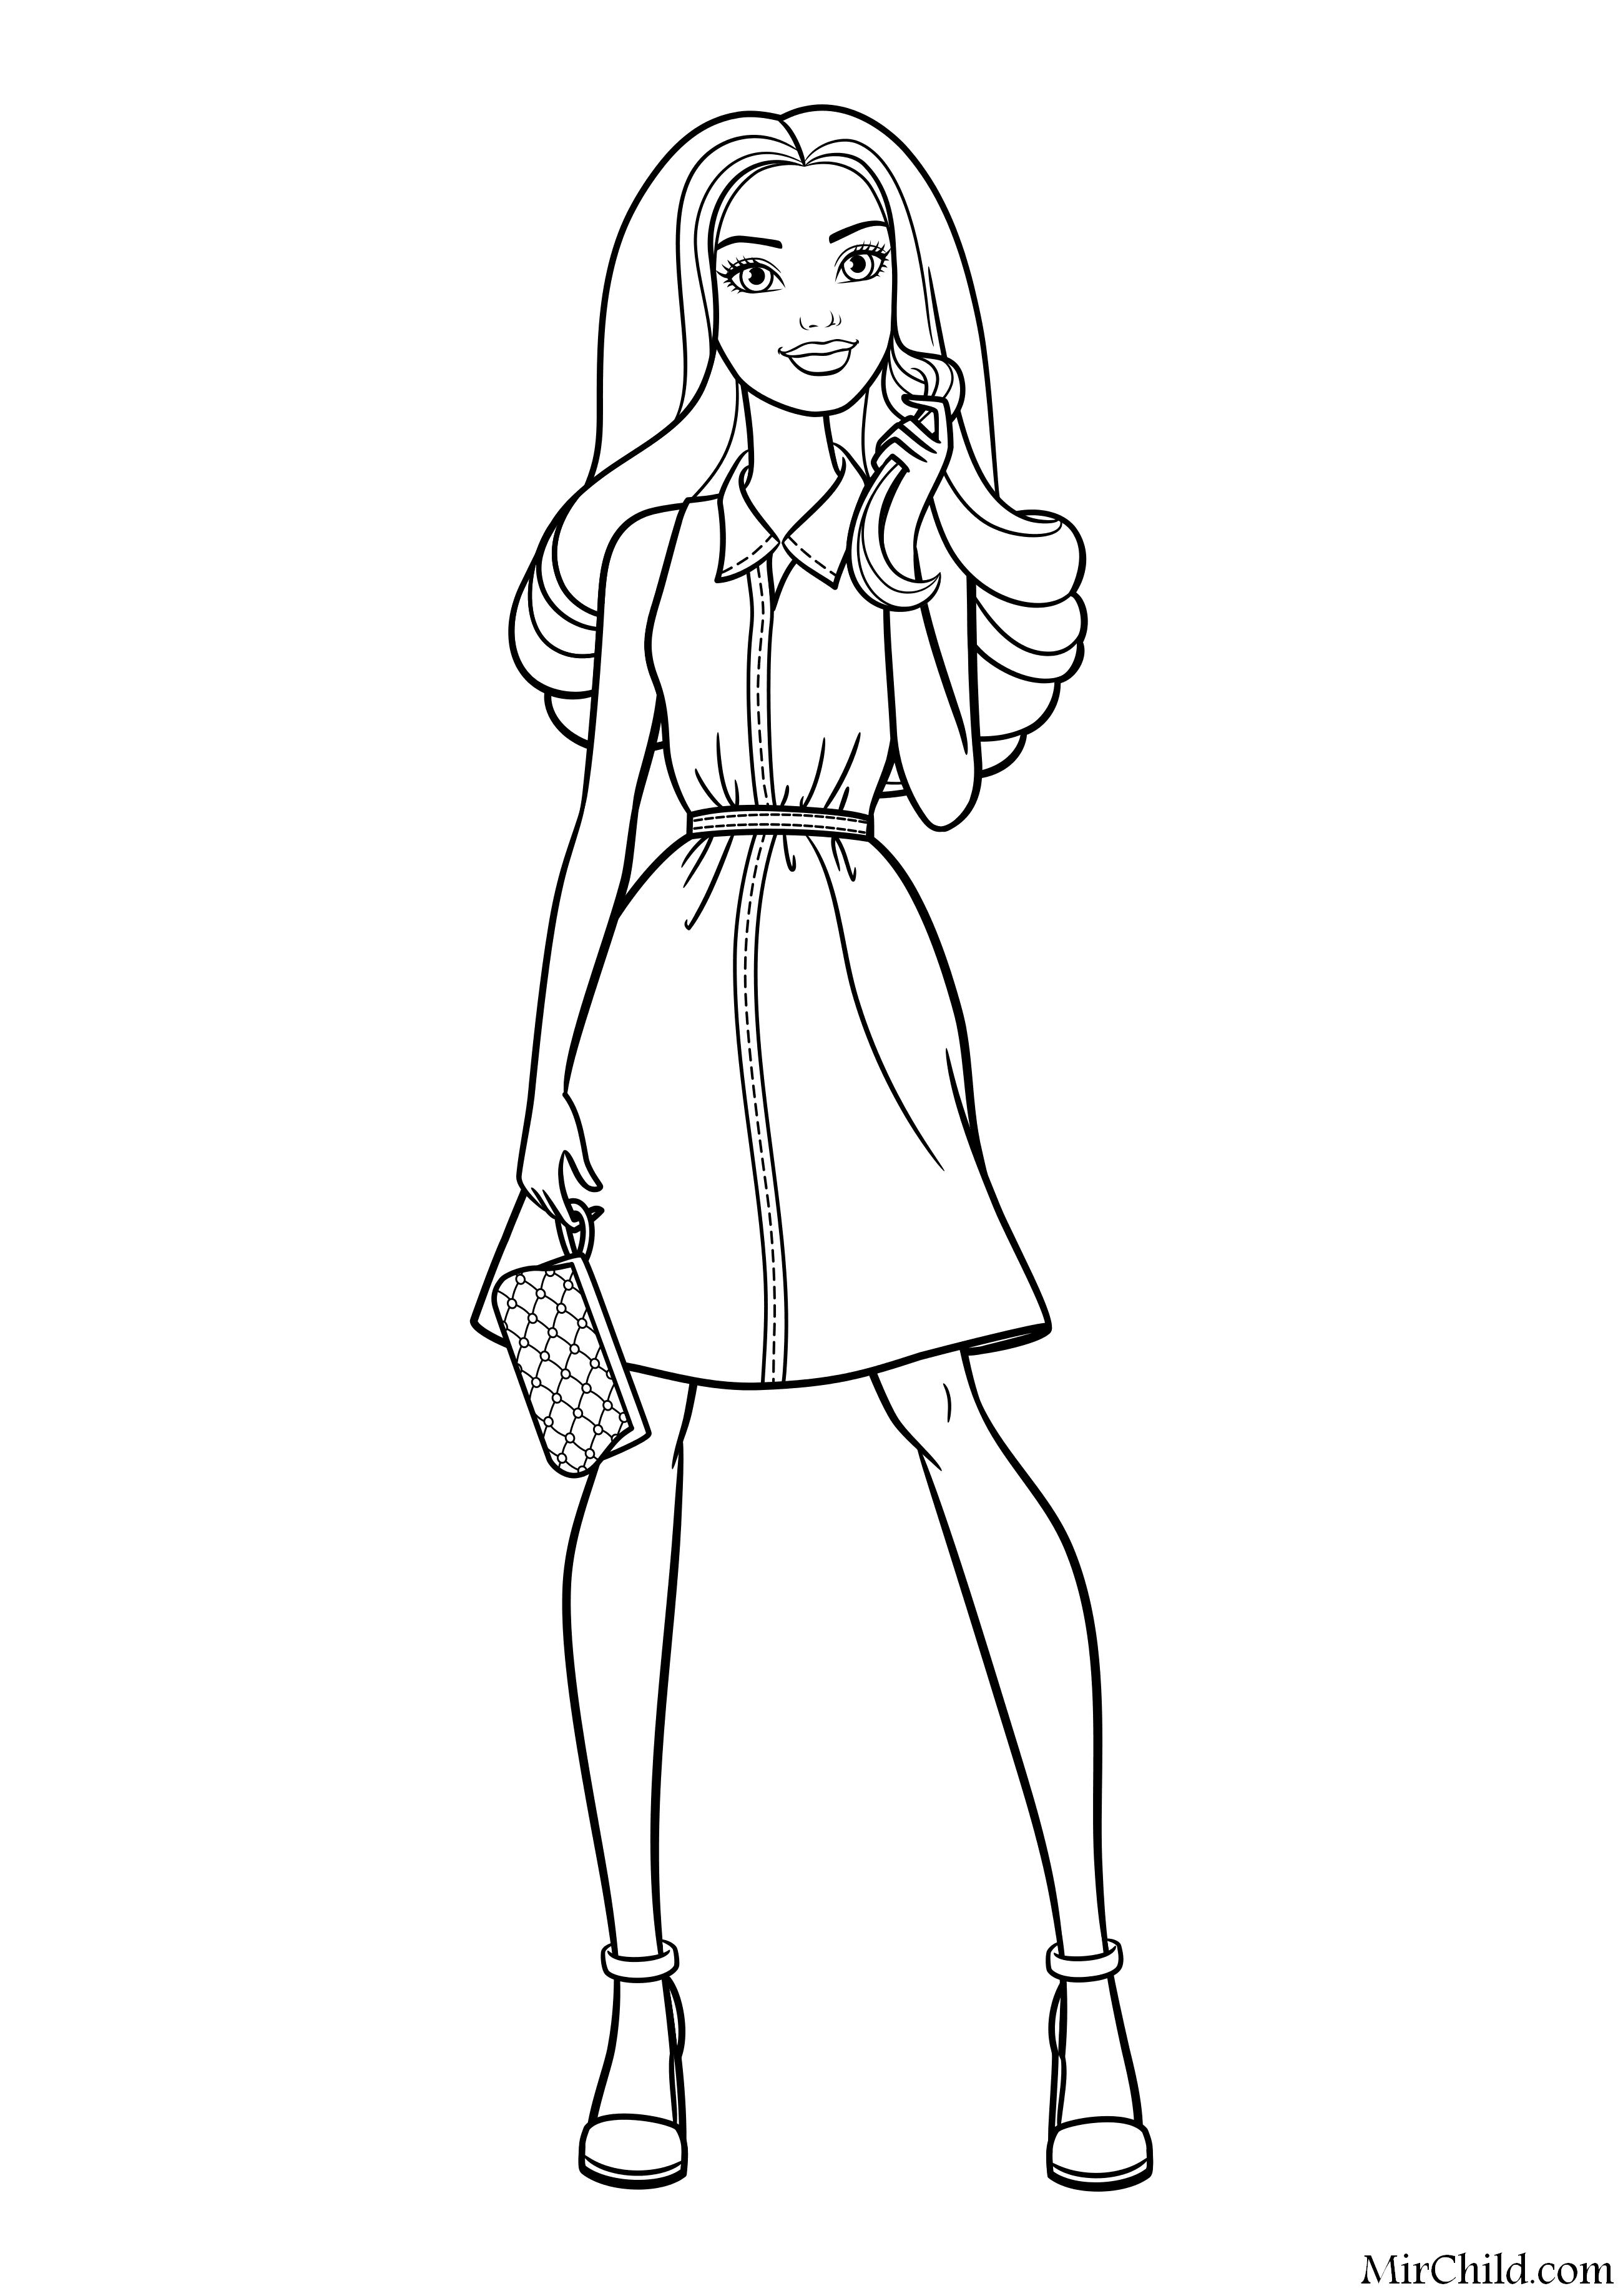 Раскраска - Барби - Барби - деловая девушка | MirChild